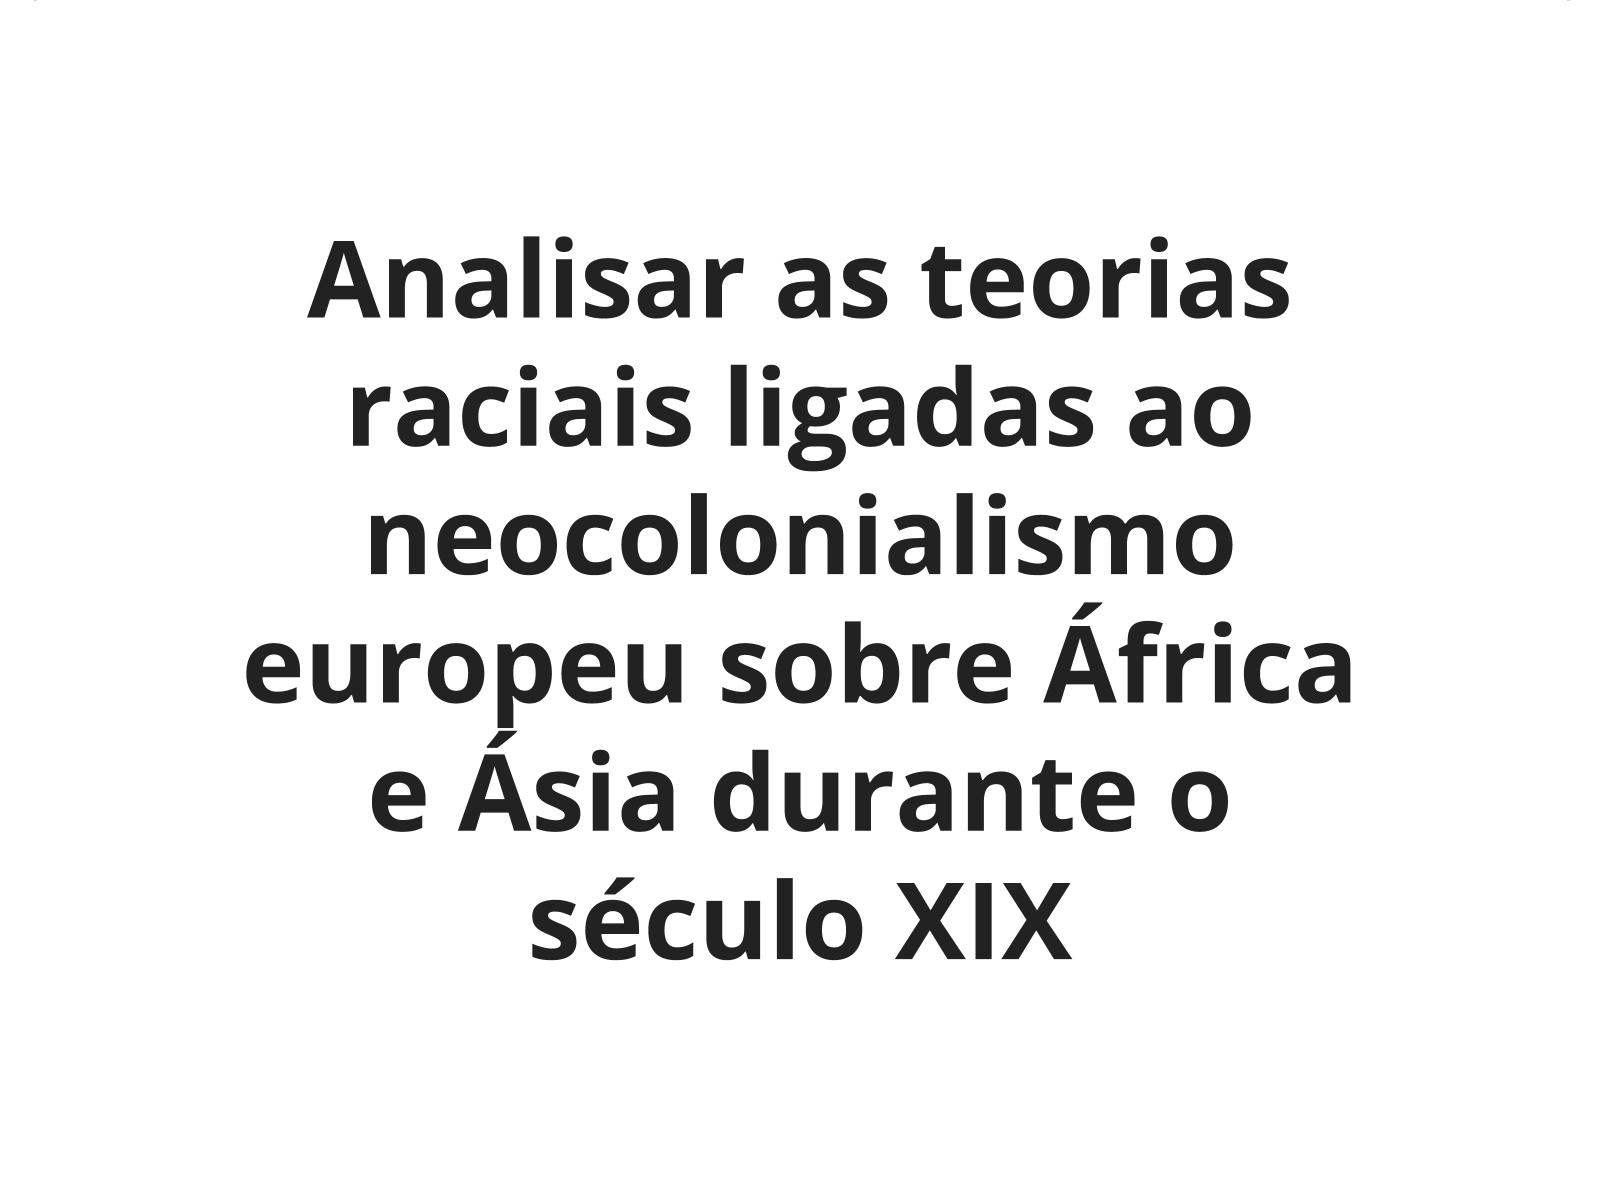 Imperialismo europeu e neocolonialismo nos continentes africano e asiático